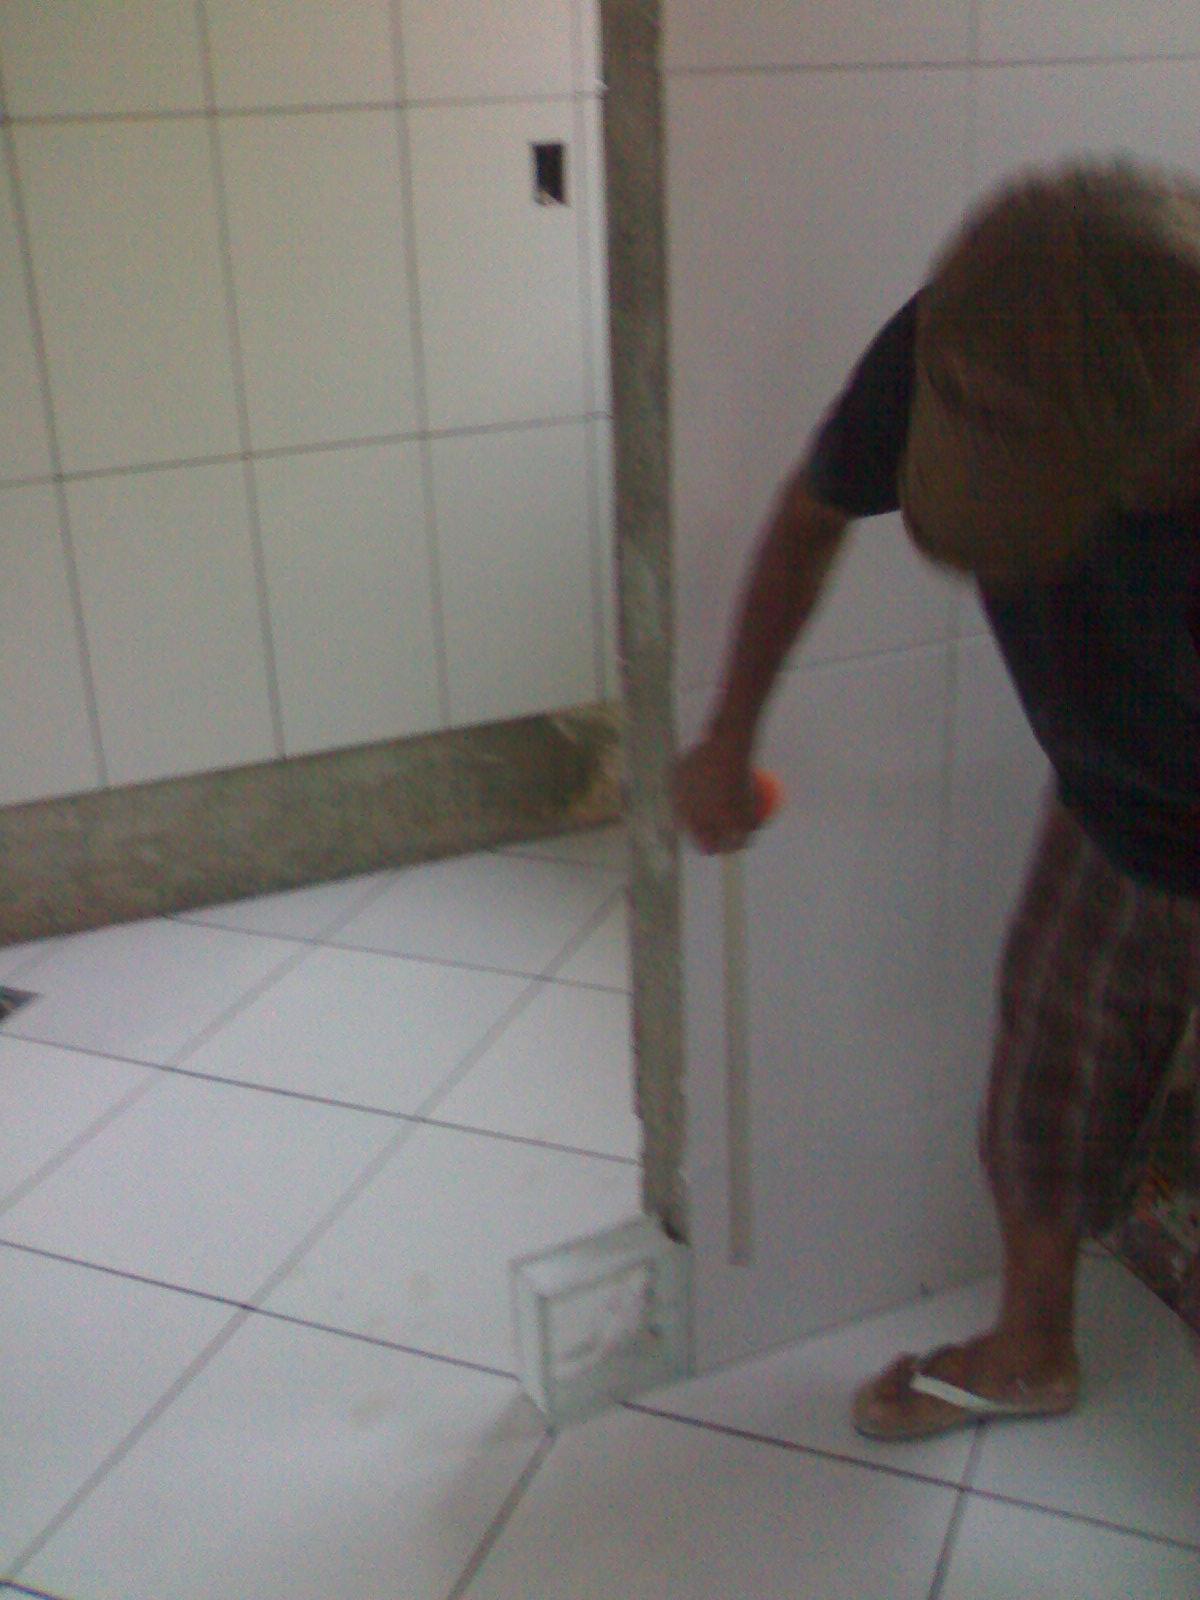 Imagens de #302824 mesmo angulo só que agora aparecendo o vão para a sala aí vai a  1200x1600 px 3372 Bloco Cad Pia Banheiro Vista